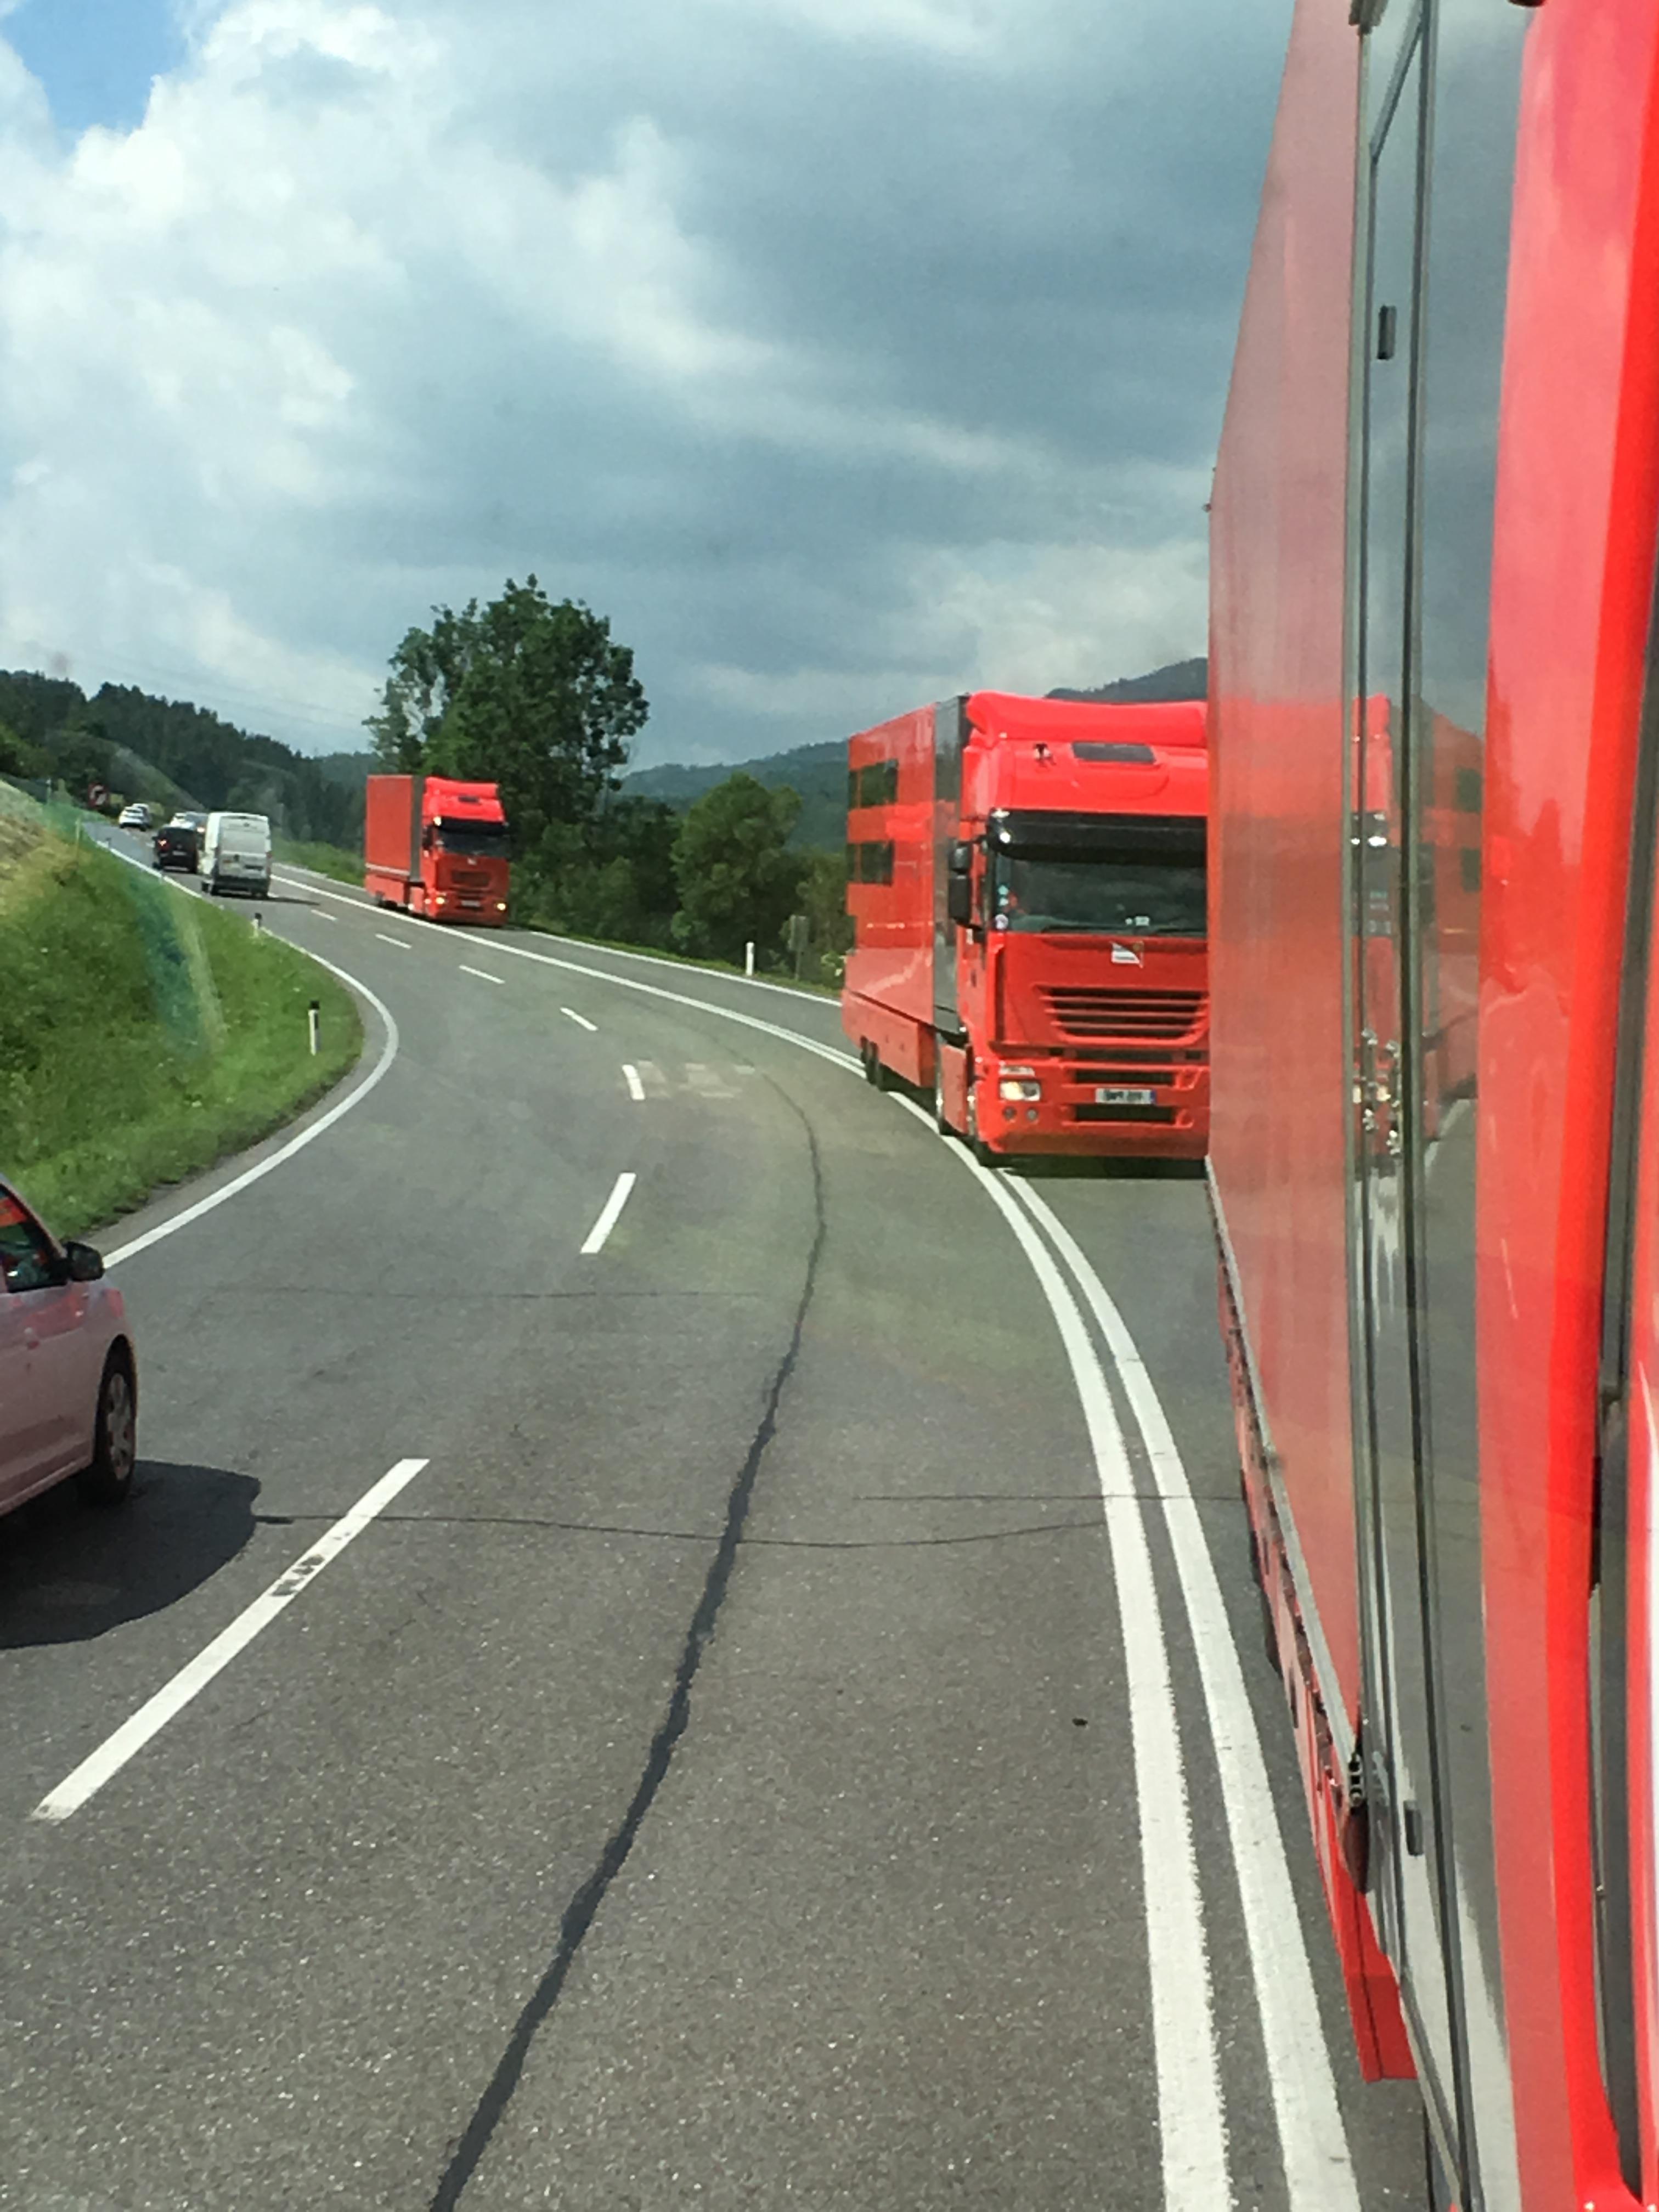 Philip Morris Ferrari F1 road trip!